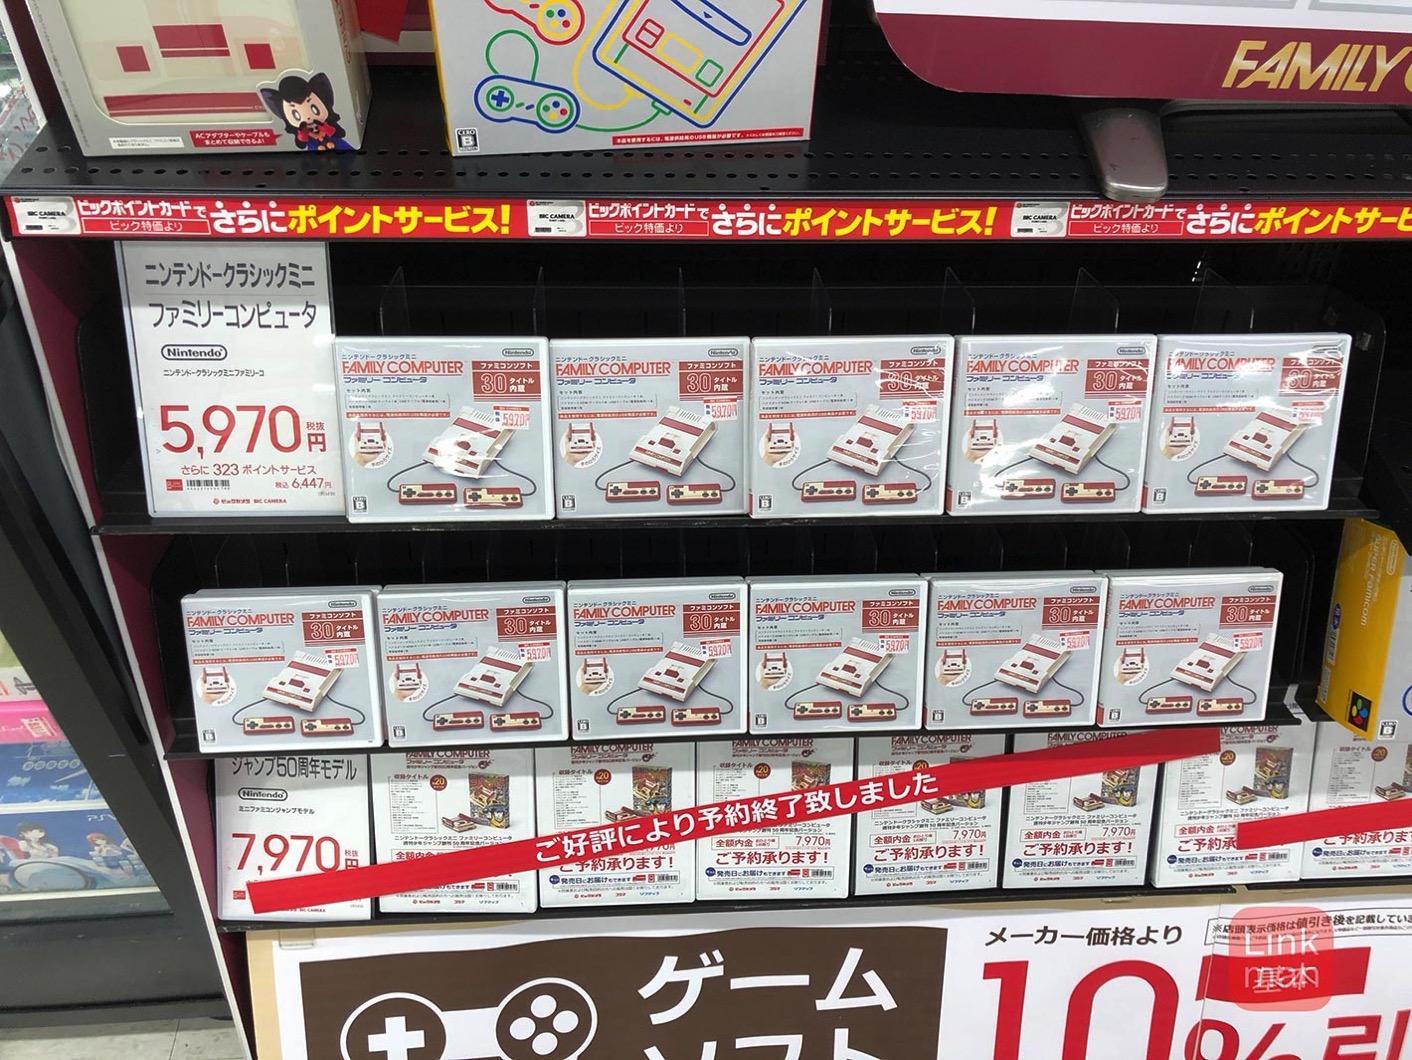 任天堂、「ニンテンドークラシックミニ ファミリーコンピュータ」の販売を再開